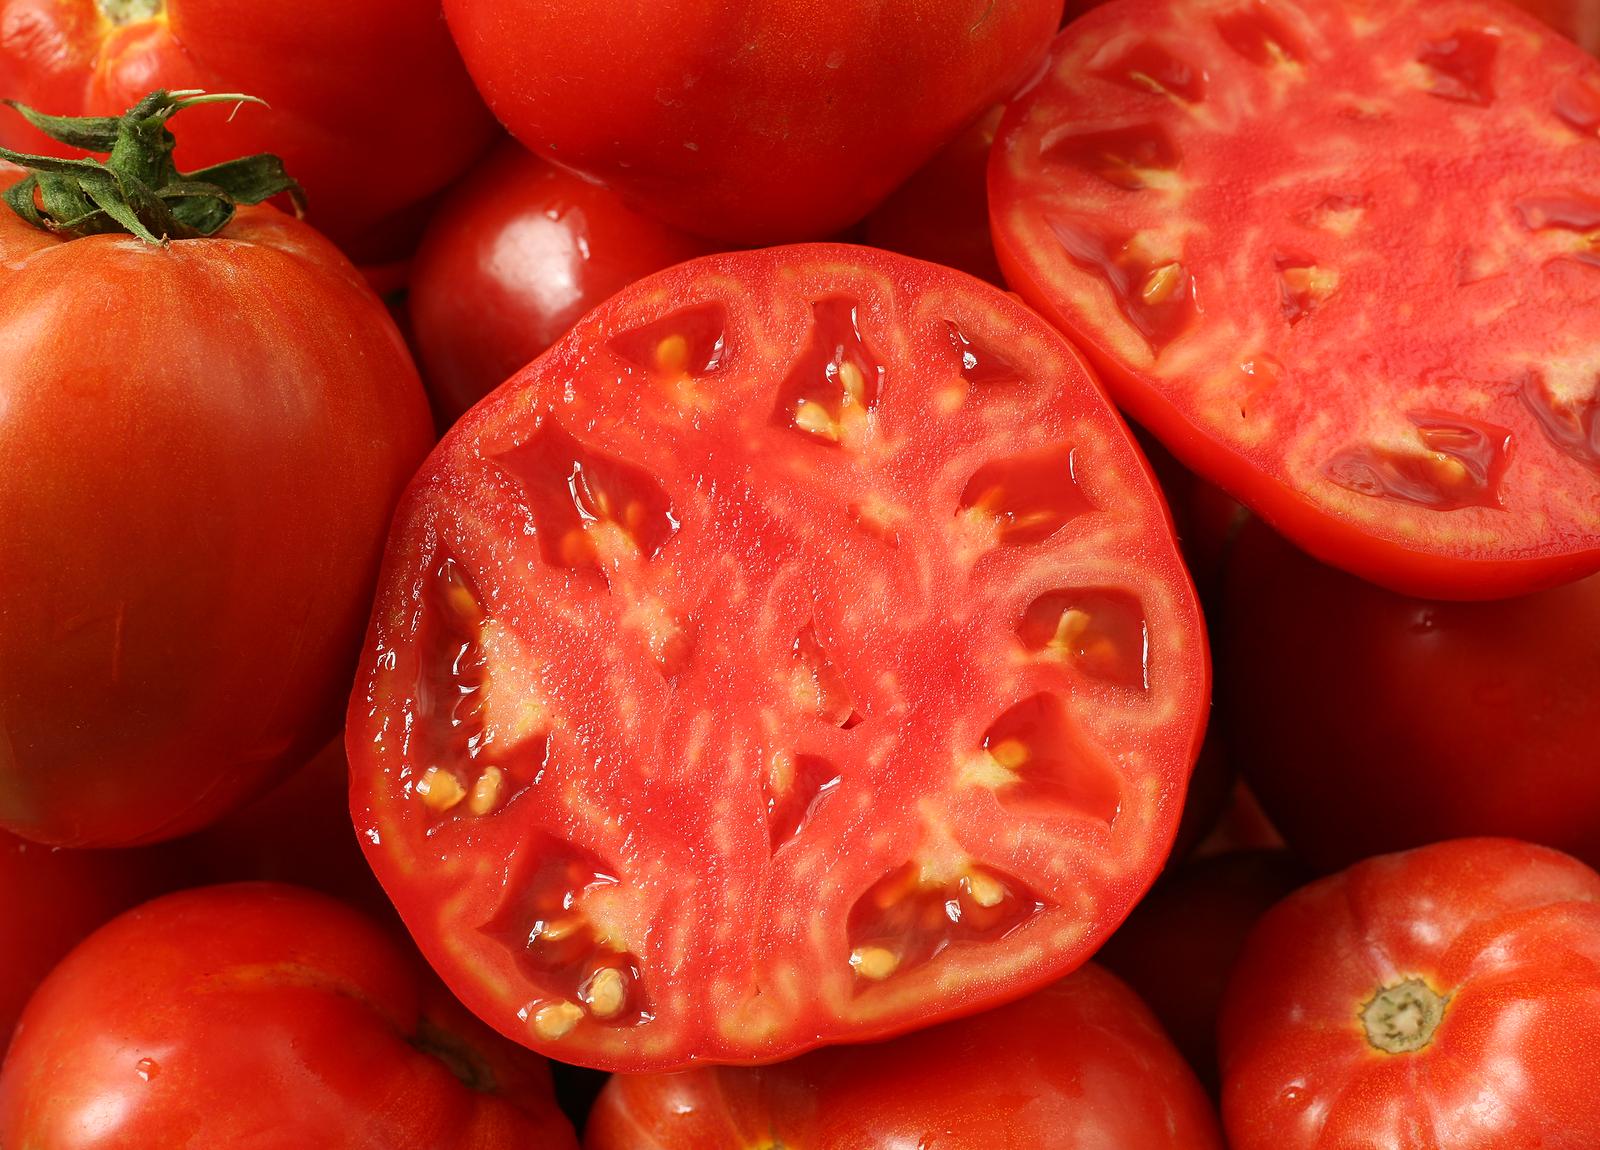 Khám phá bí quyết trị sẹo mụn hiệu quả với cà chua 2